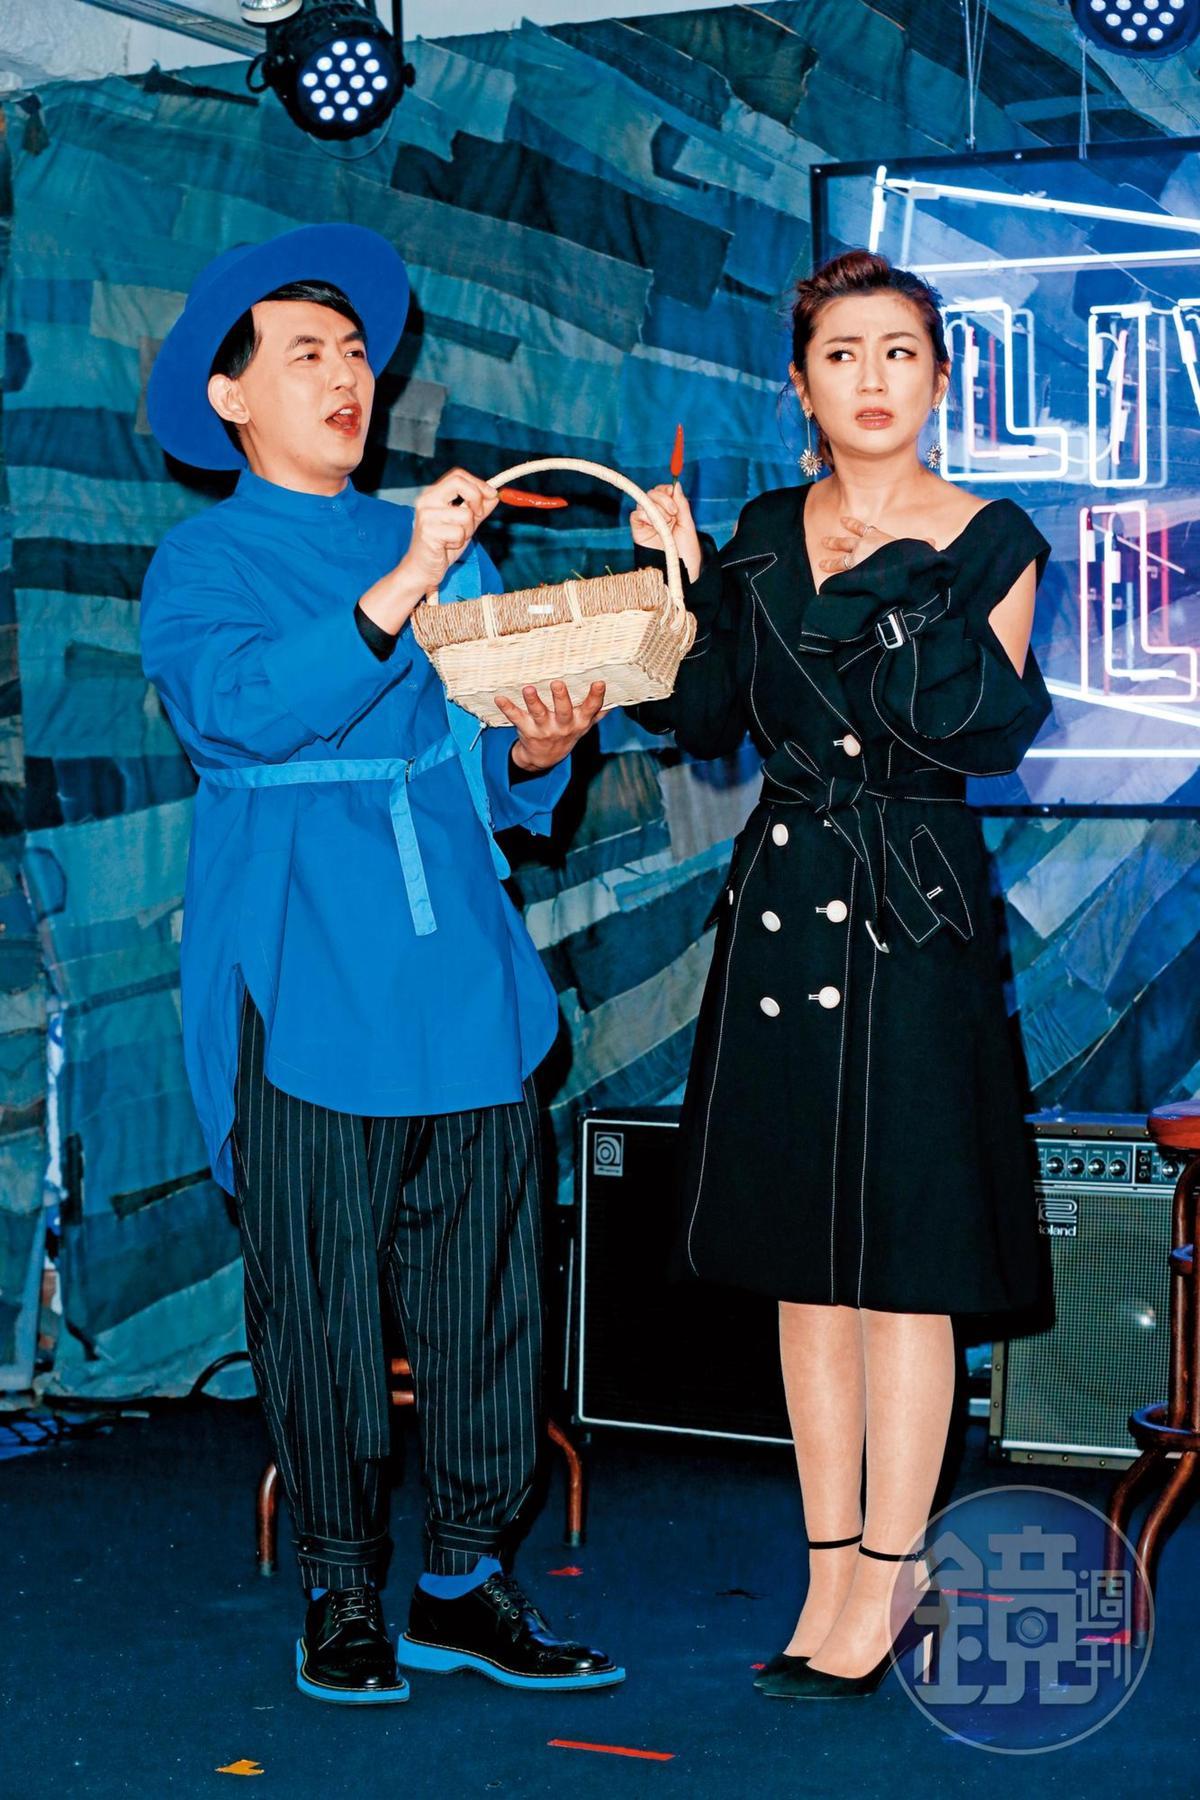 Selina(右)日前特別出席好友黃子佼(左)新專輯《Live_Life》聽歌會,兩人互動熱絡,看得出好私交。